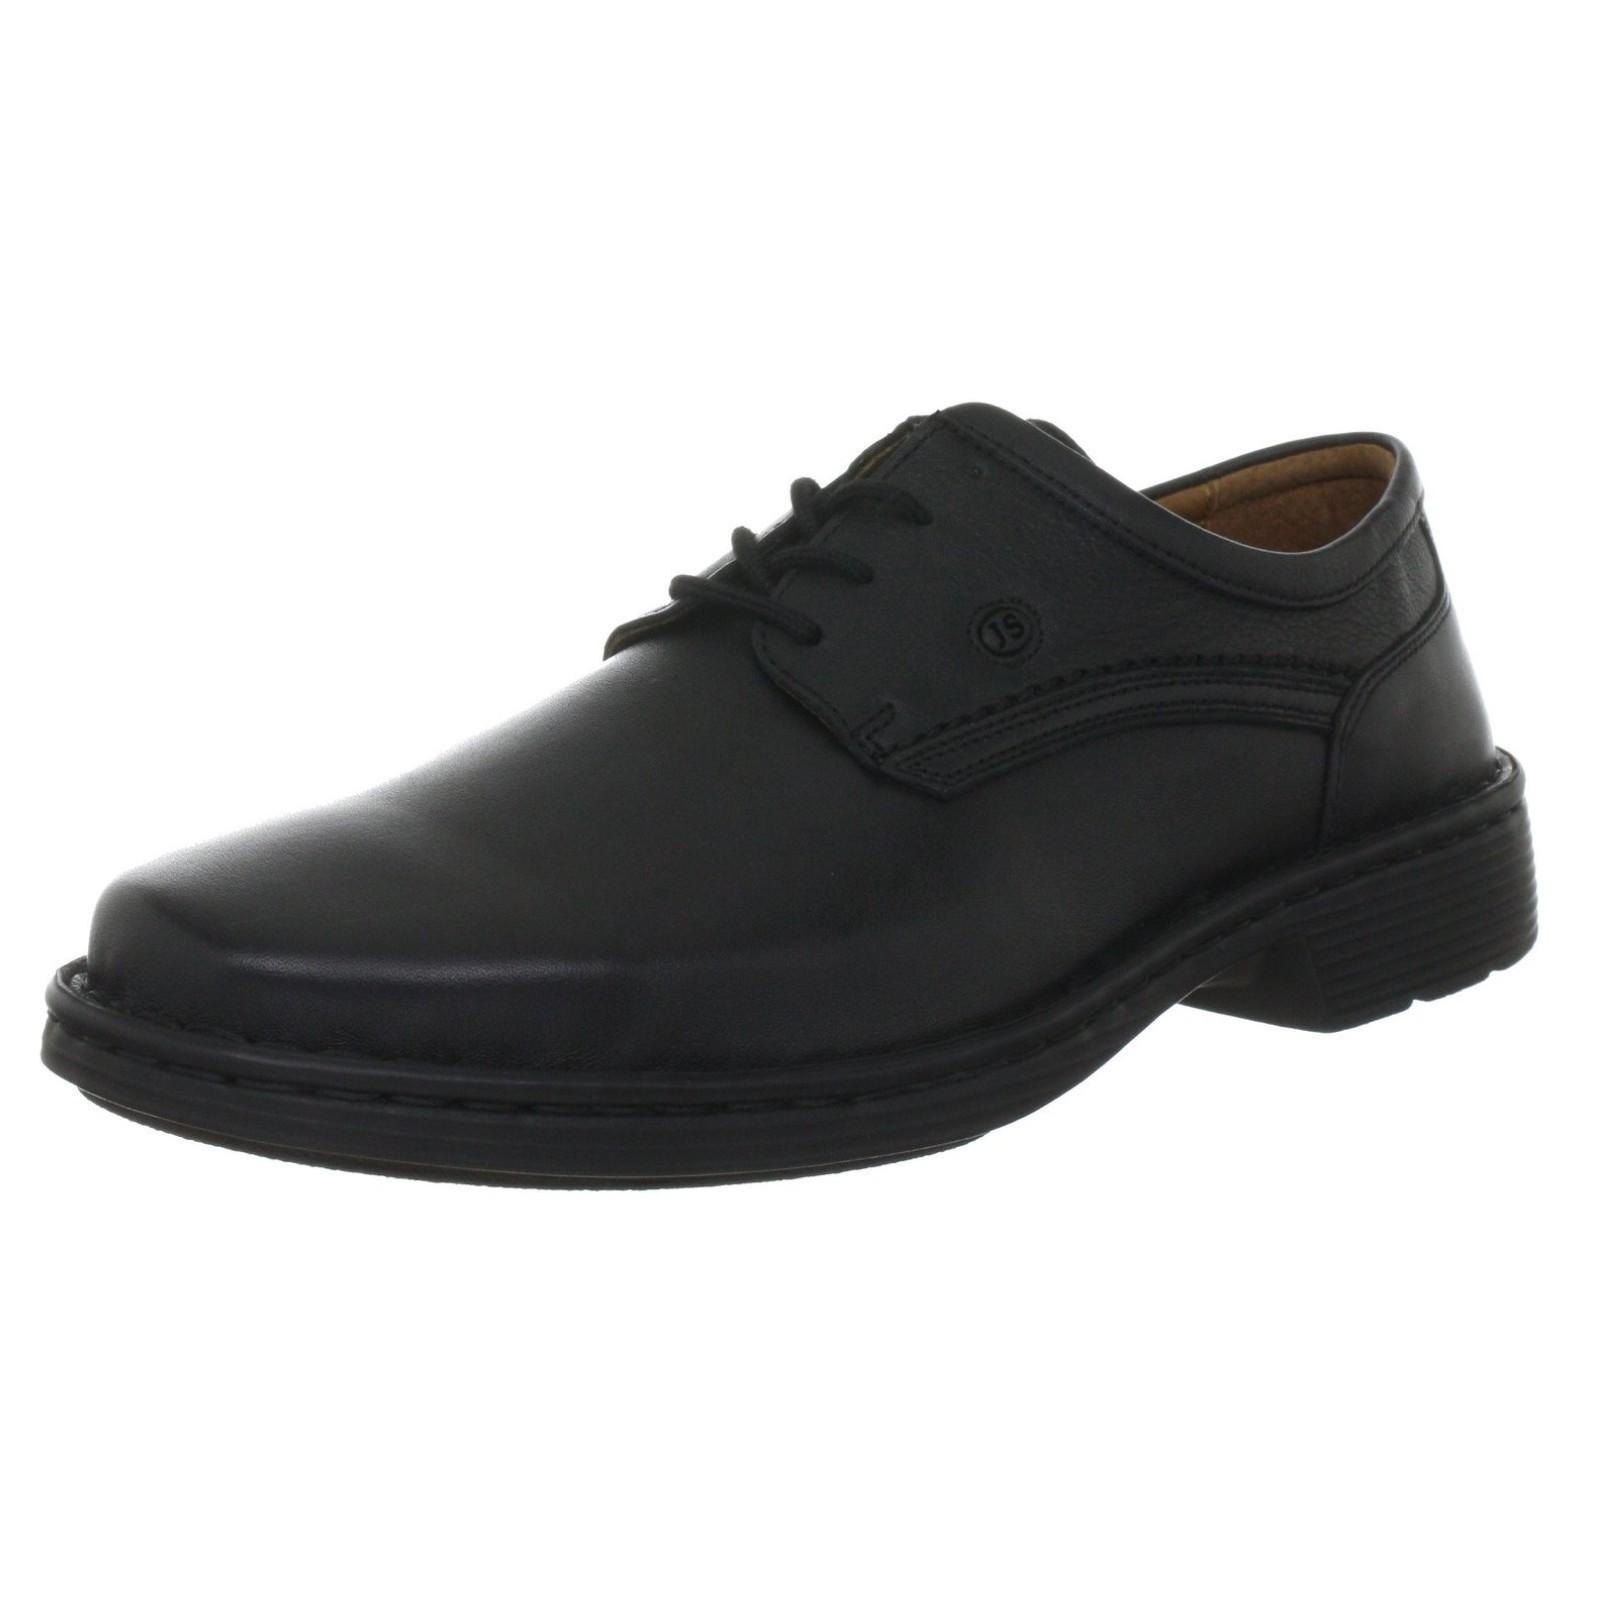 0554402fa4 Férfi elegáns/öltönycipő - Férfi félcipő - Férfi